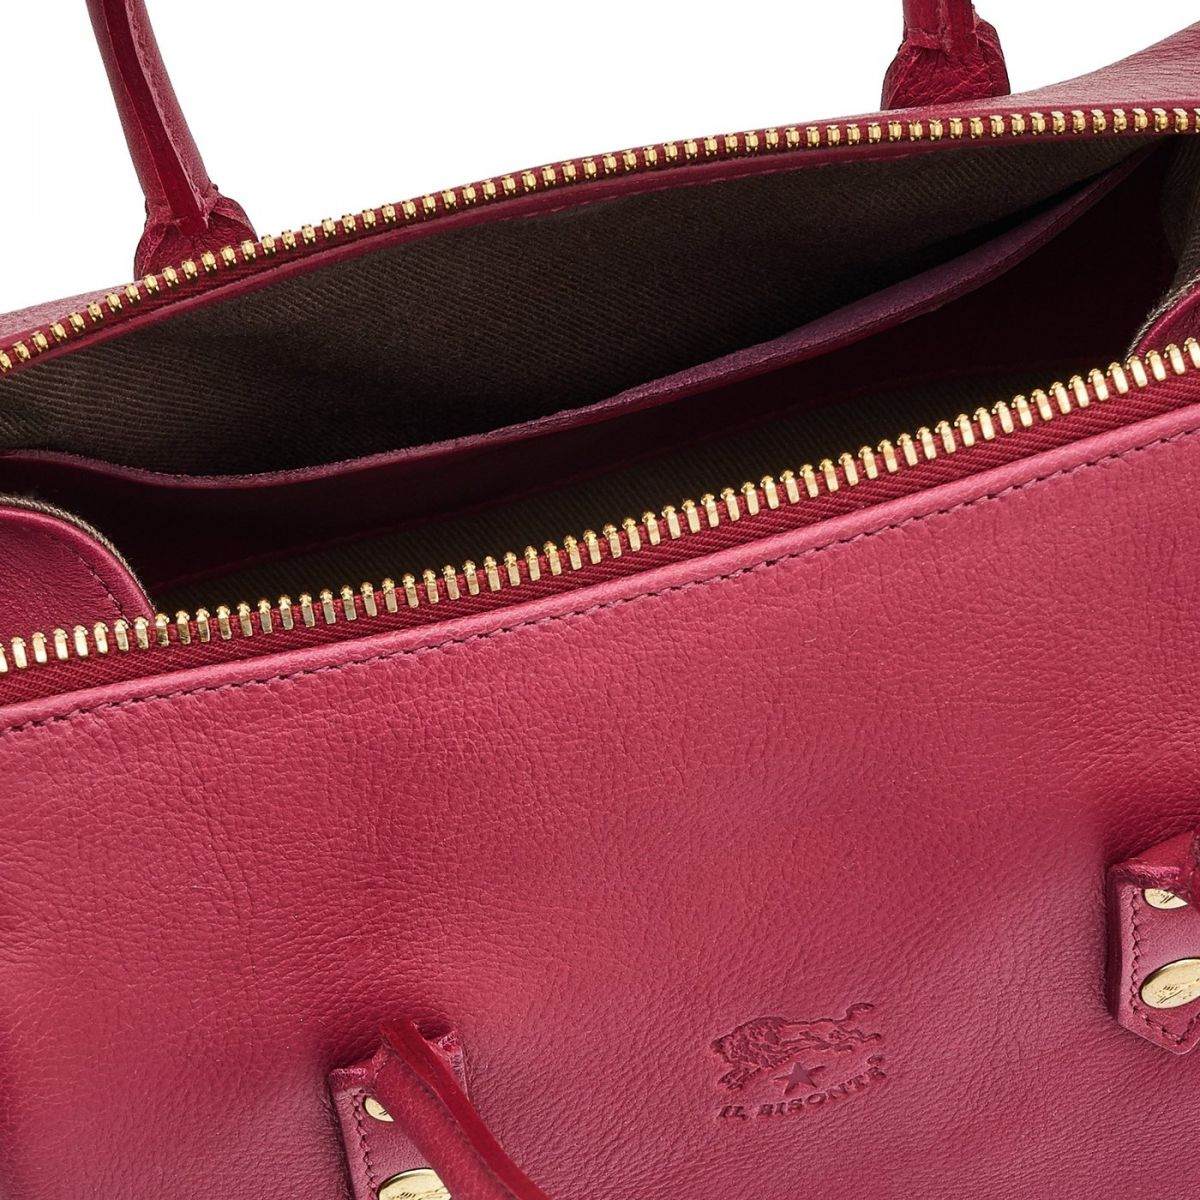 Sac A Main pour Femme Pratolino en Cuir De Vachette BTH049 couleur Sumac | Details